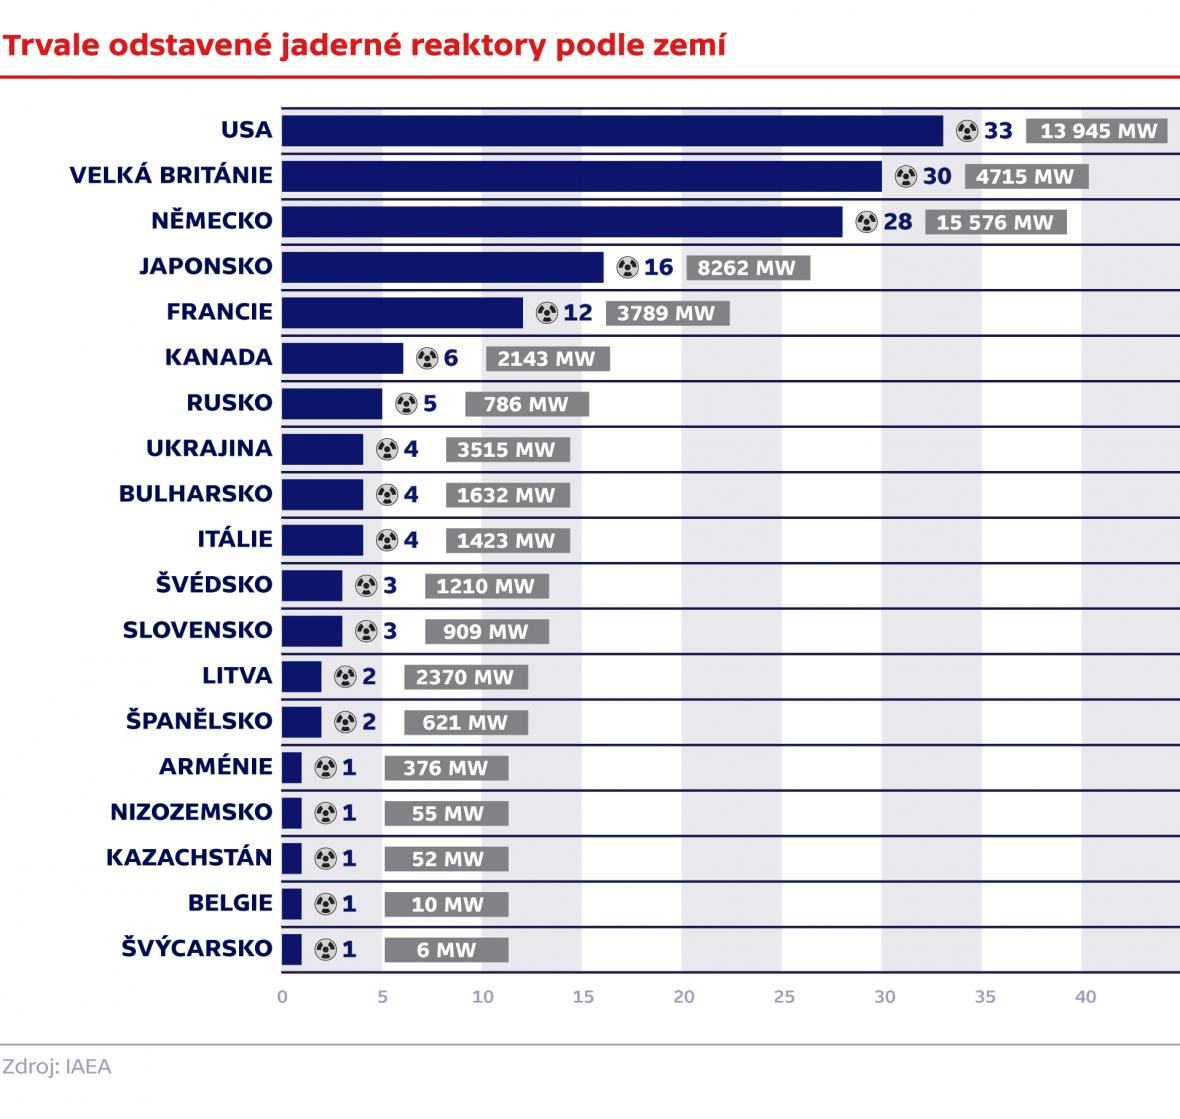 Trvale odstavené jaderné reaktory podle zemí